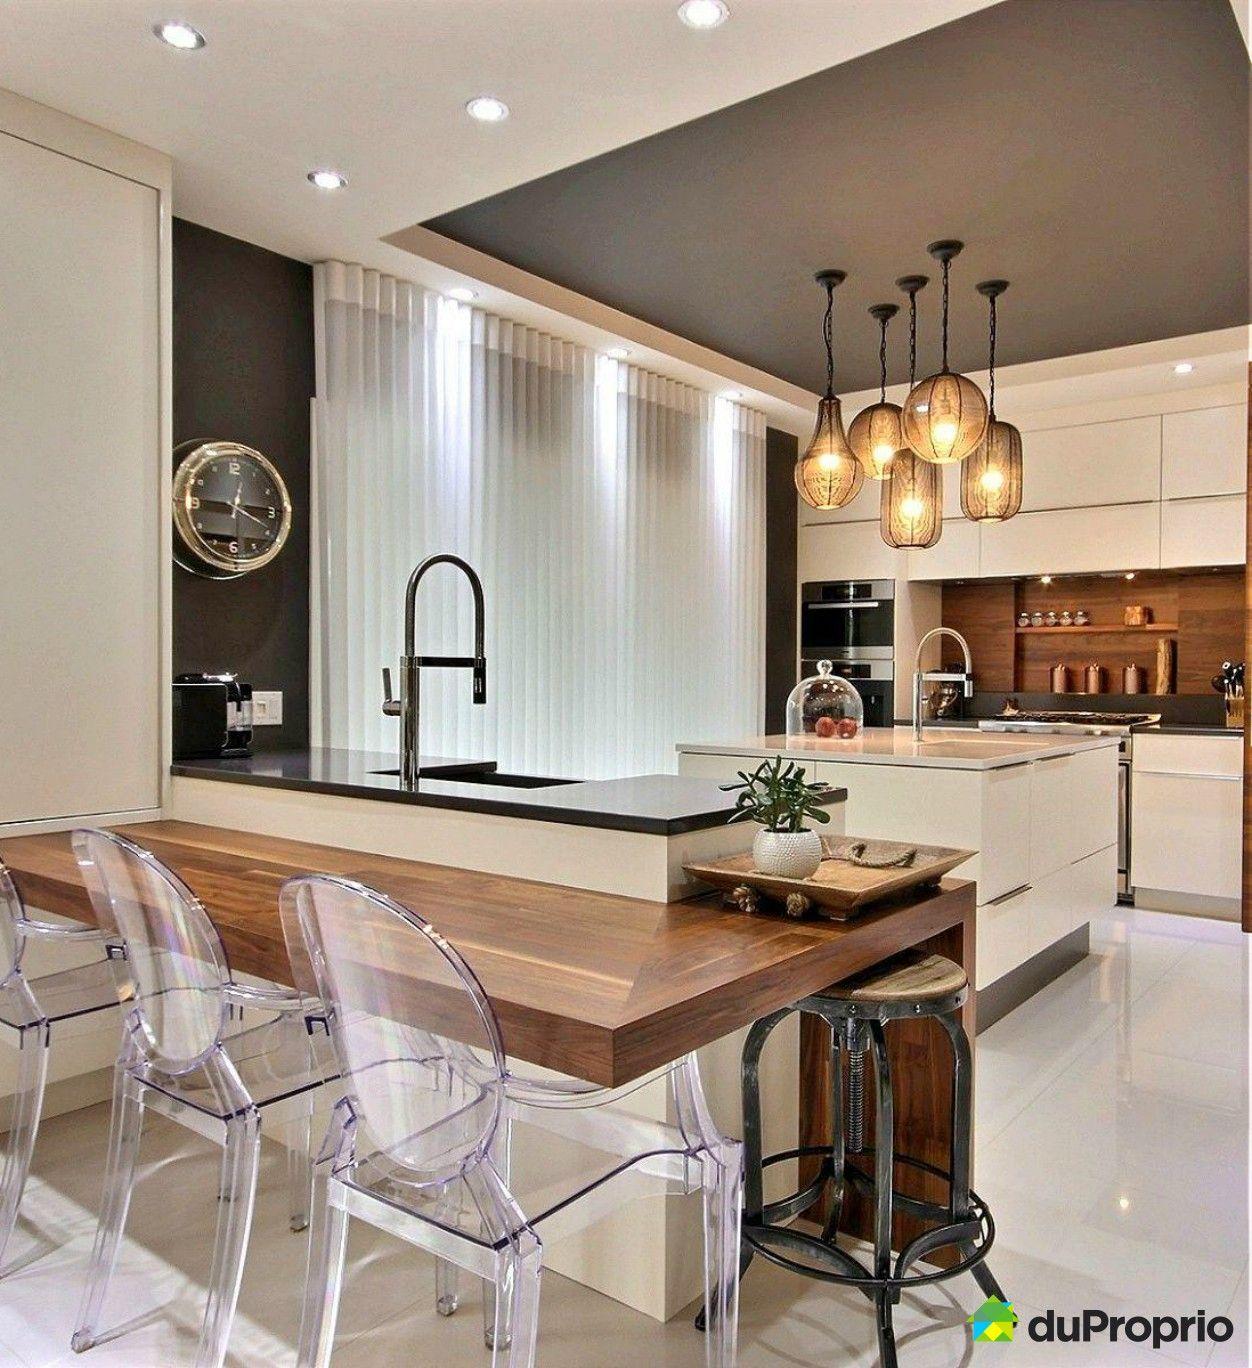 coup de foudre avec cette magnifique cuisine rustique contemporaine et design j 39 adore le. Black Bedroom Furniture Sets. Home Design Ideas